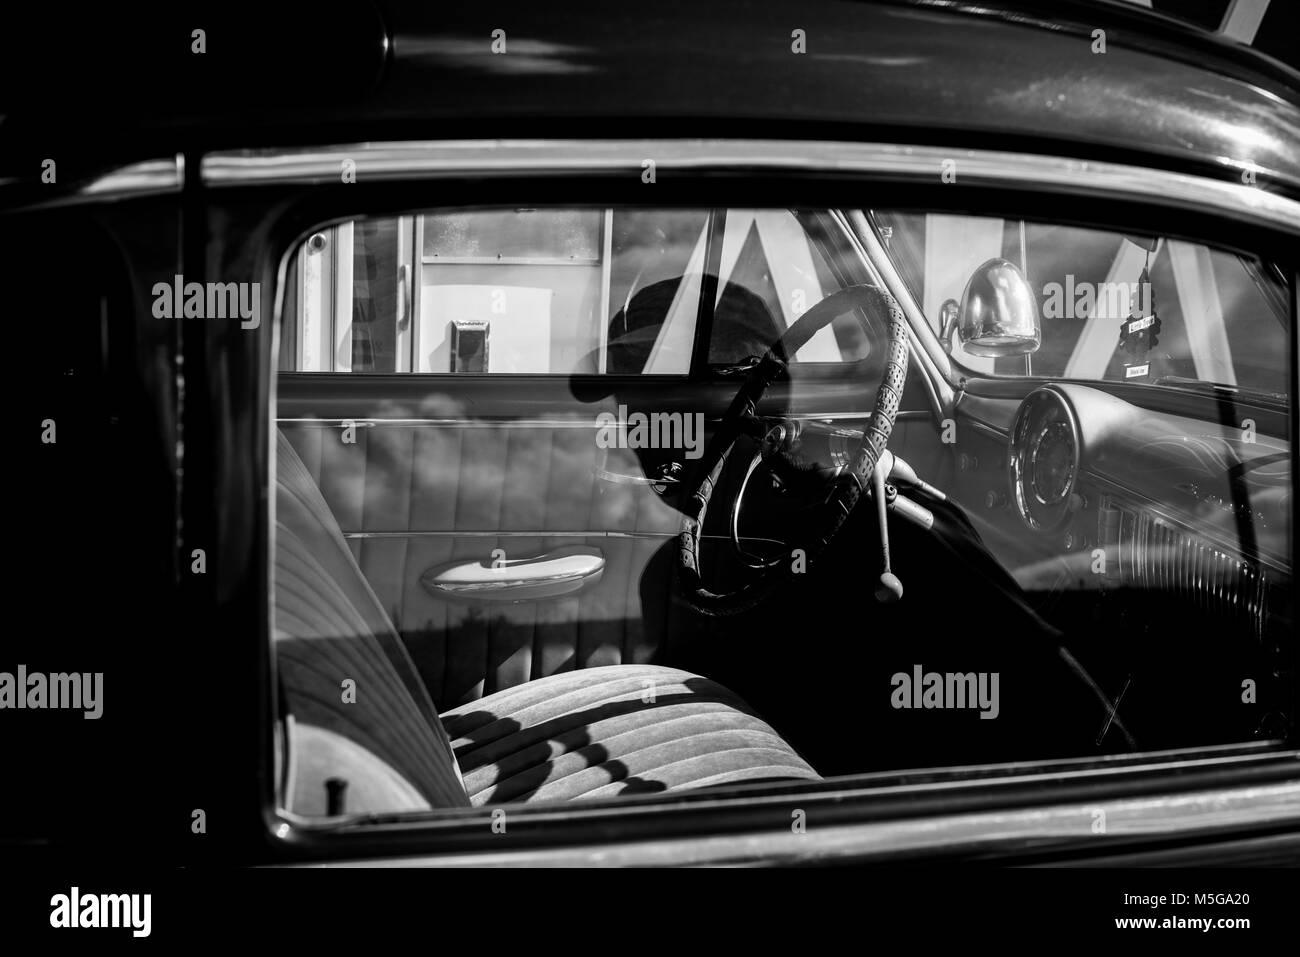 El monocromo reflejo de un hombre en un automóvil Chevy vintage. Imagen De Stock